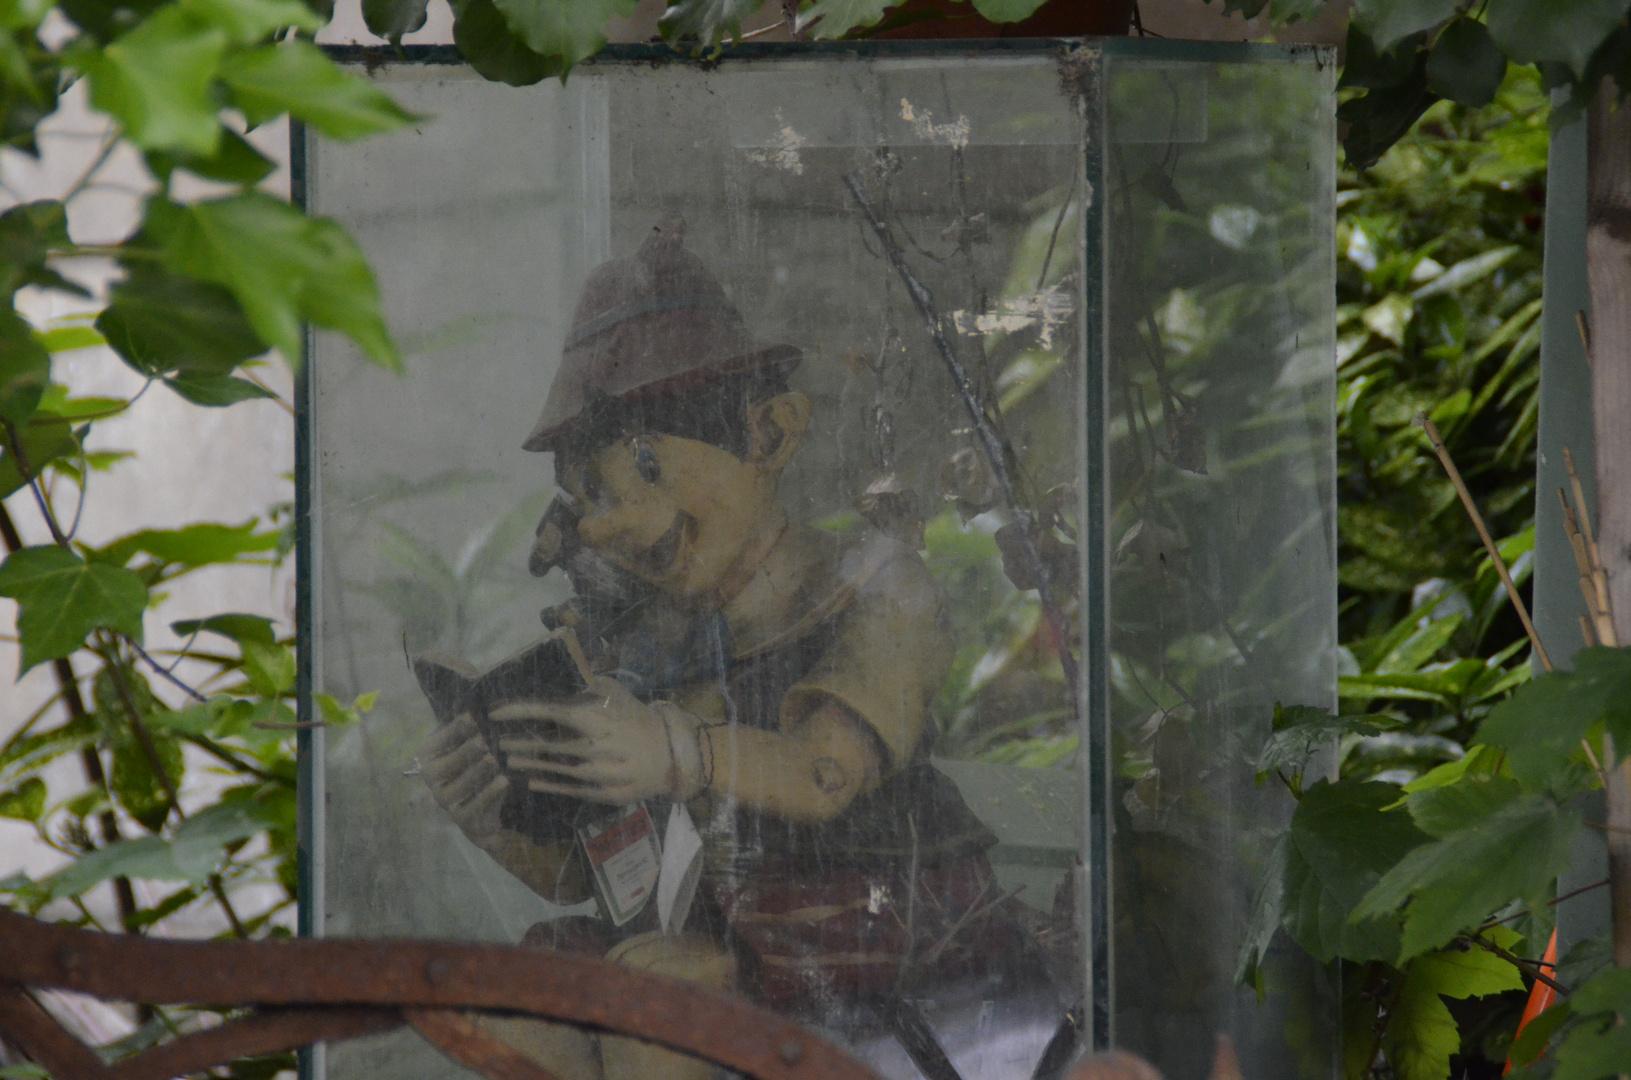 Pinoccio unter Glas